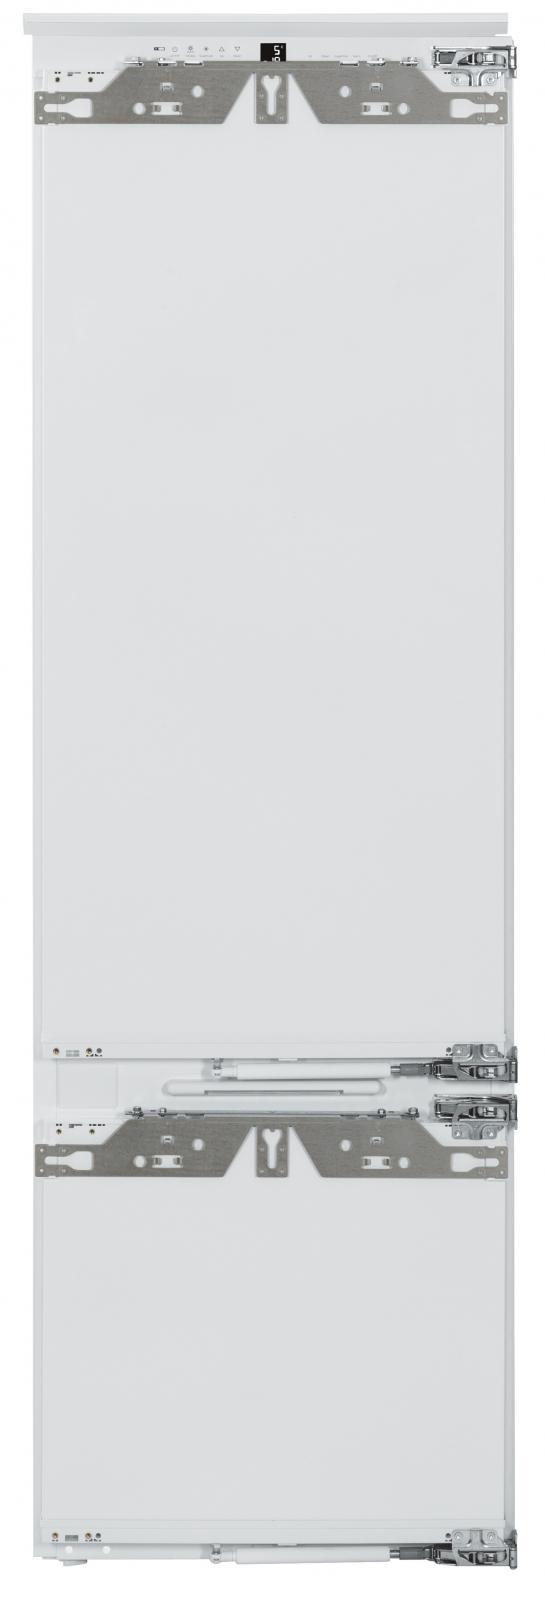 купить Встраиваемый двухкамерный холодильник Liebherr ICBP 3266 Украина фото 1